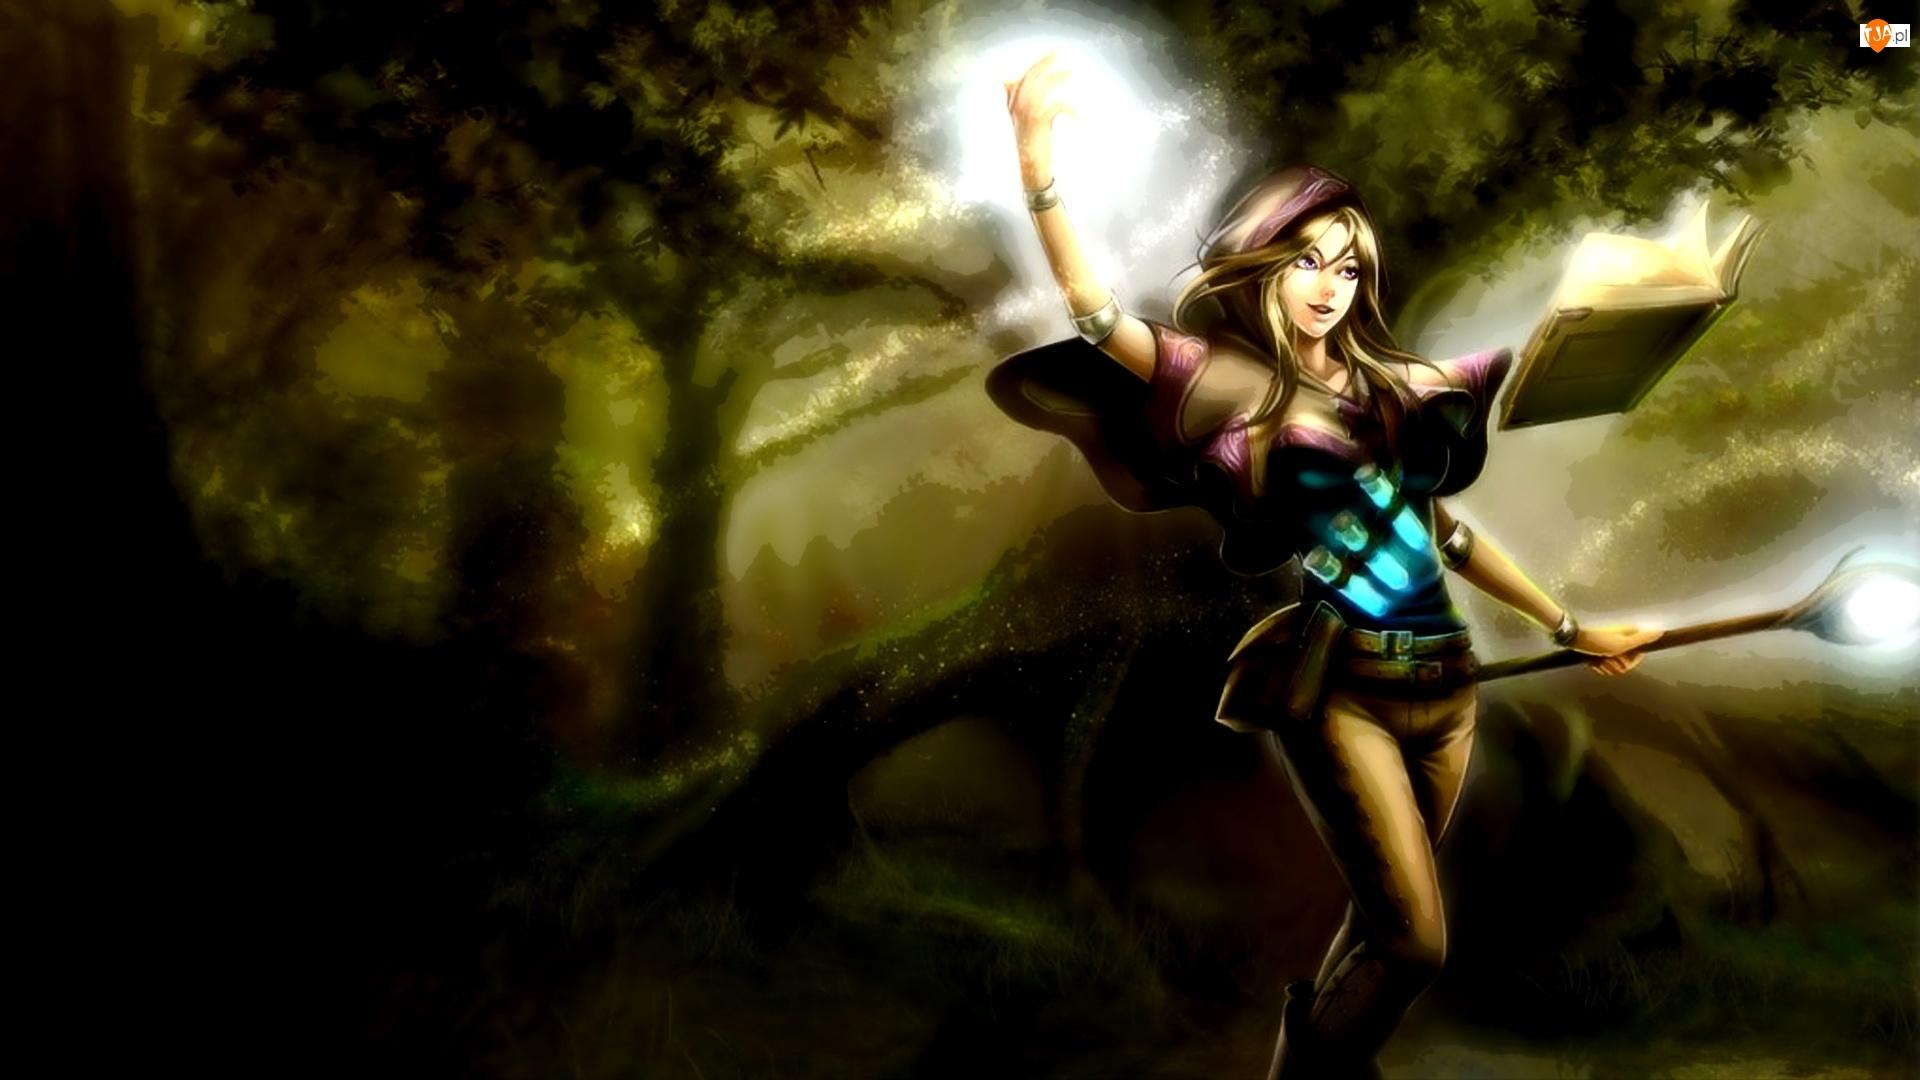 League Of Legends, Lux